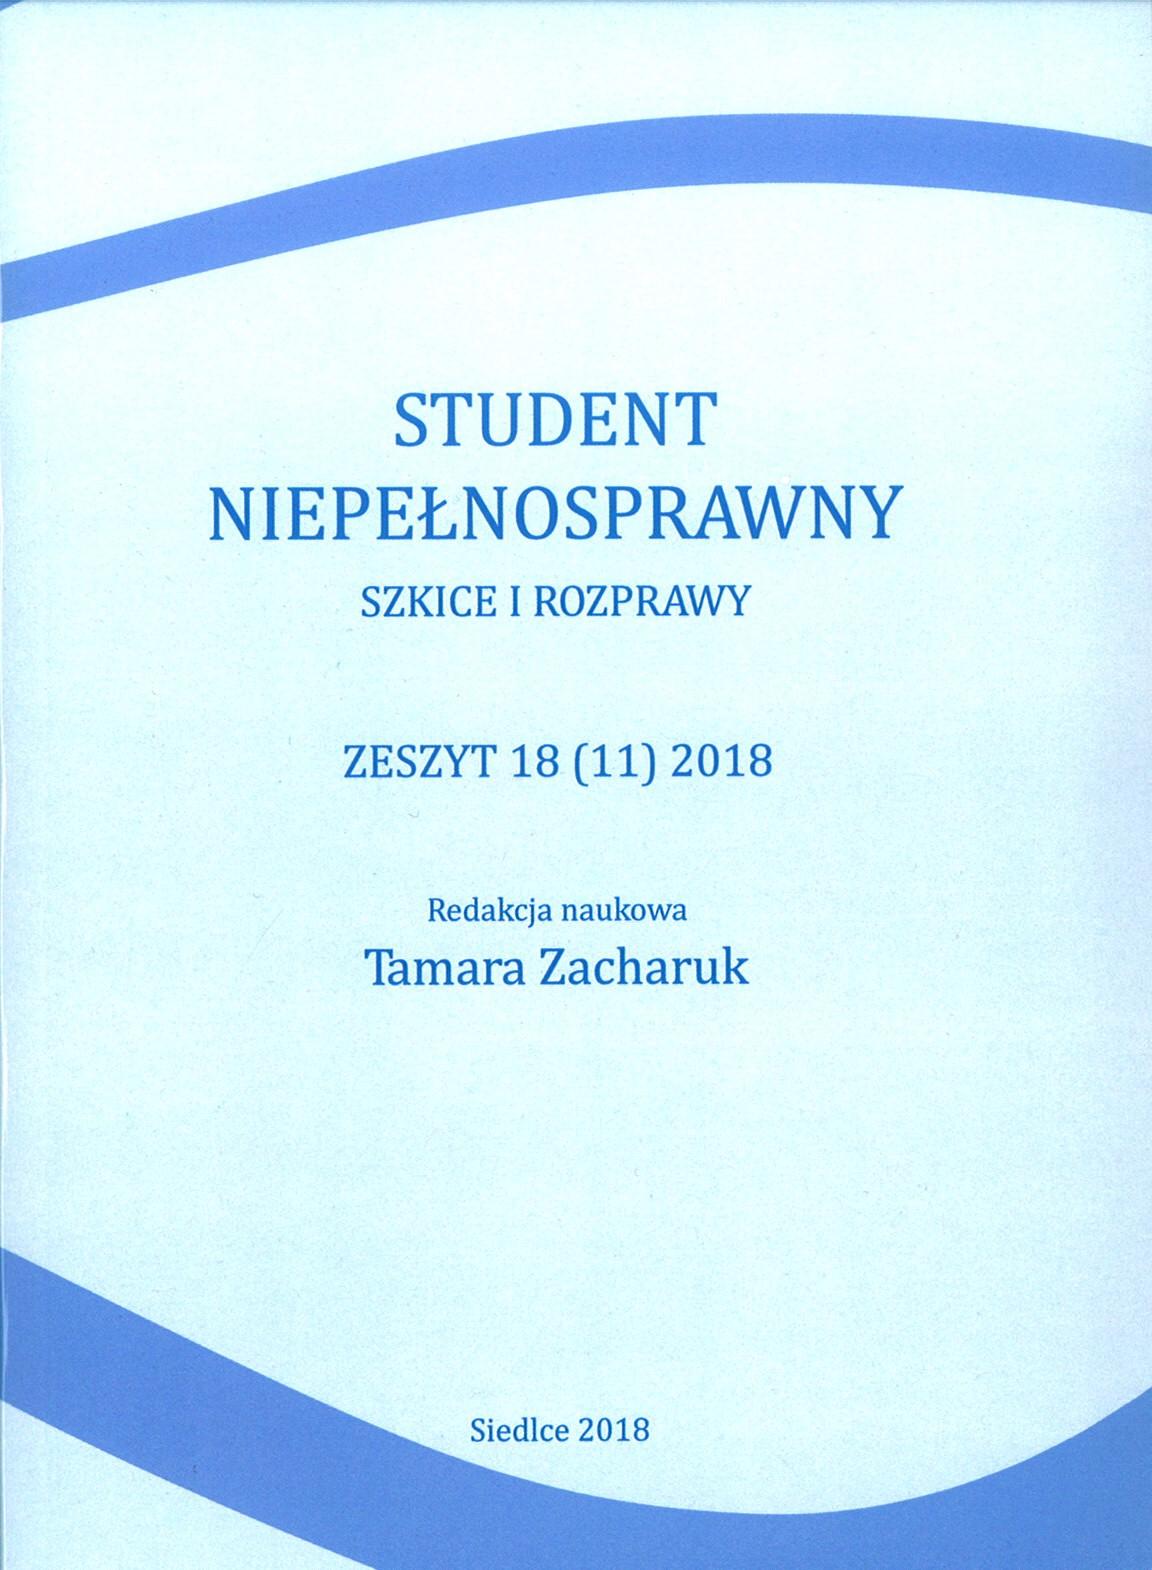 Student Niepełnosprawny 2018